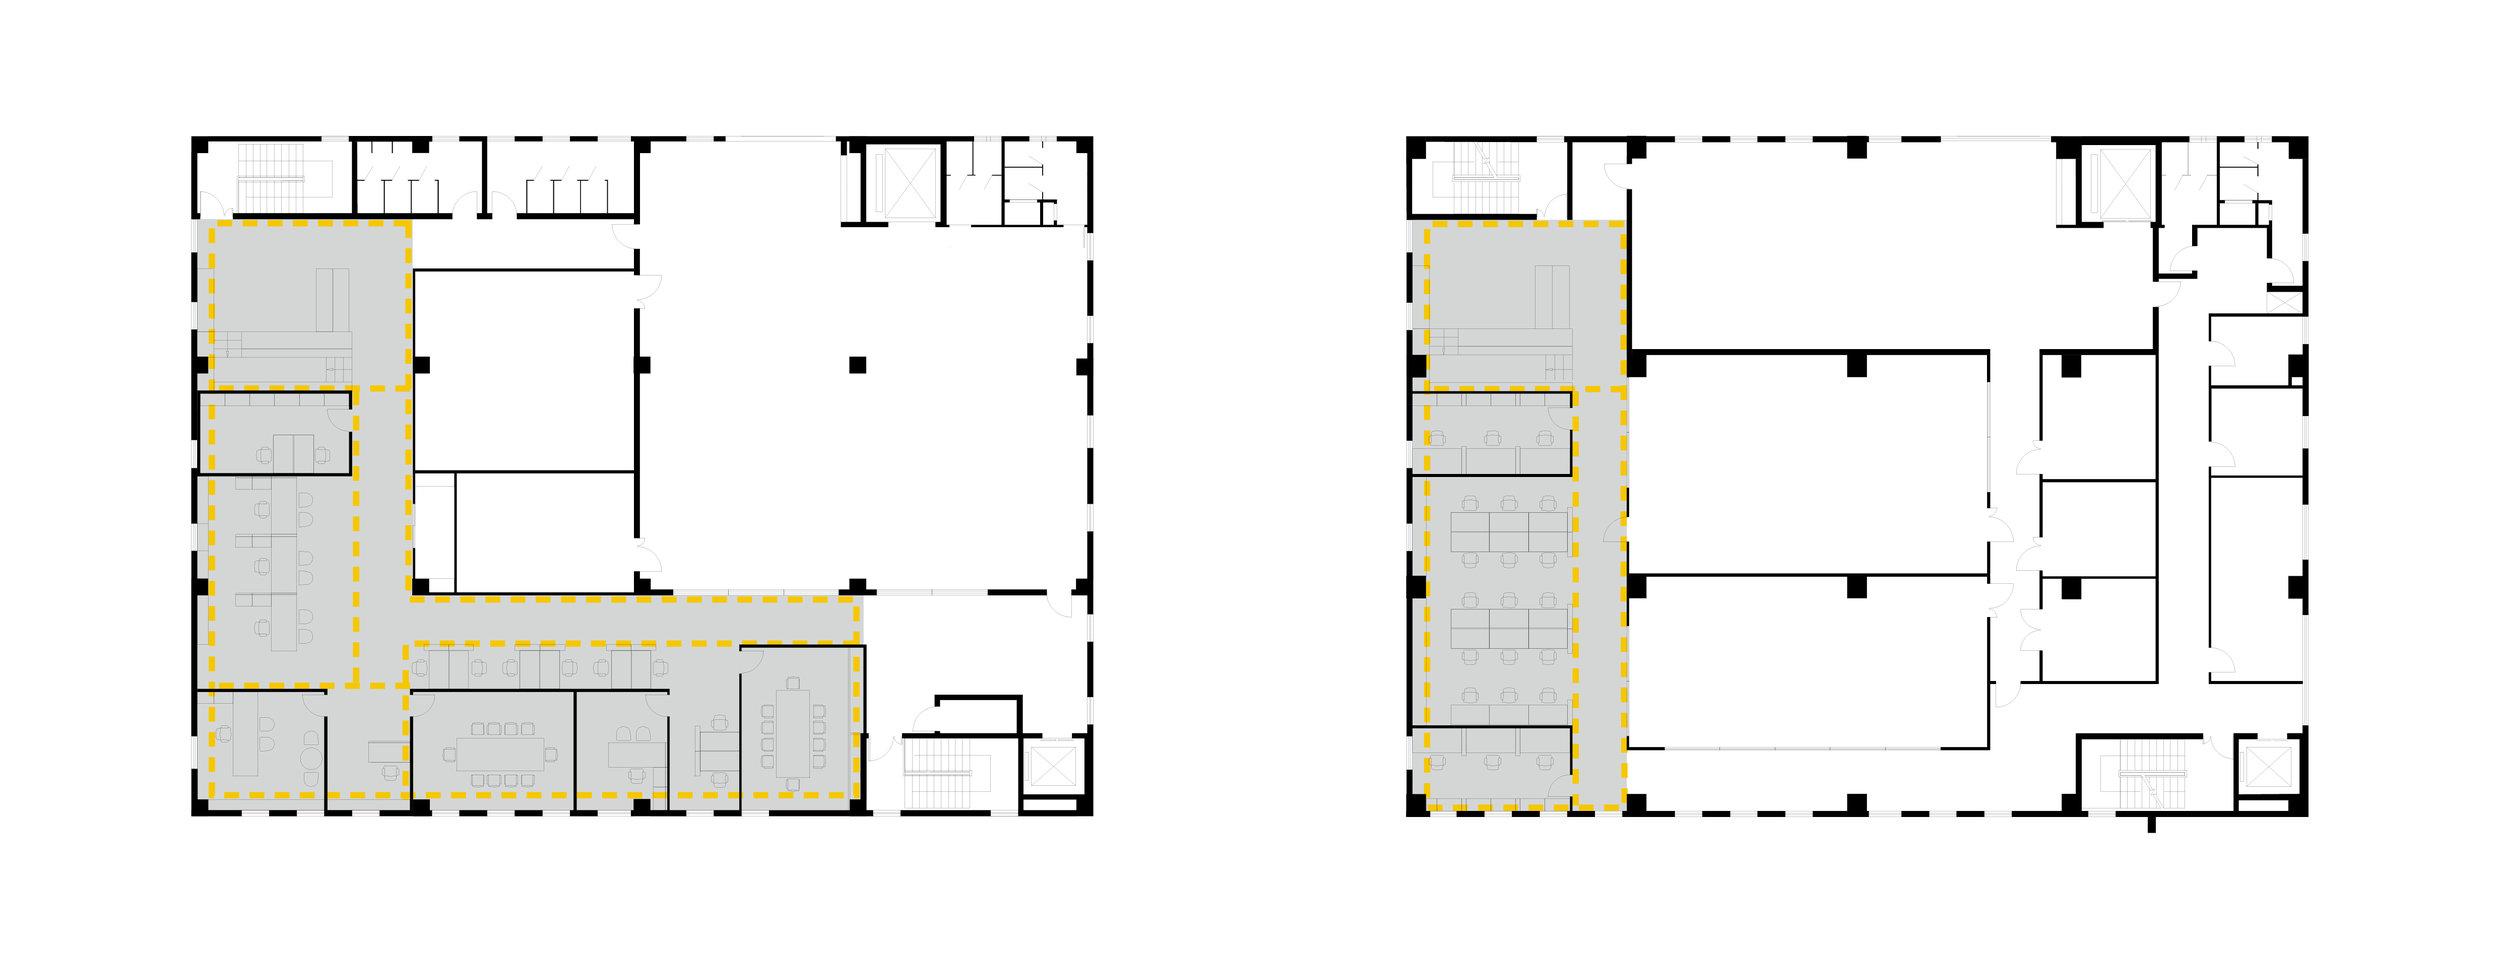 First Floor - Second Floor